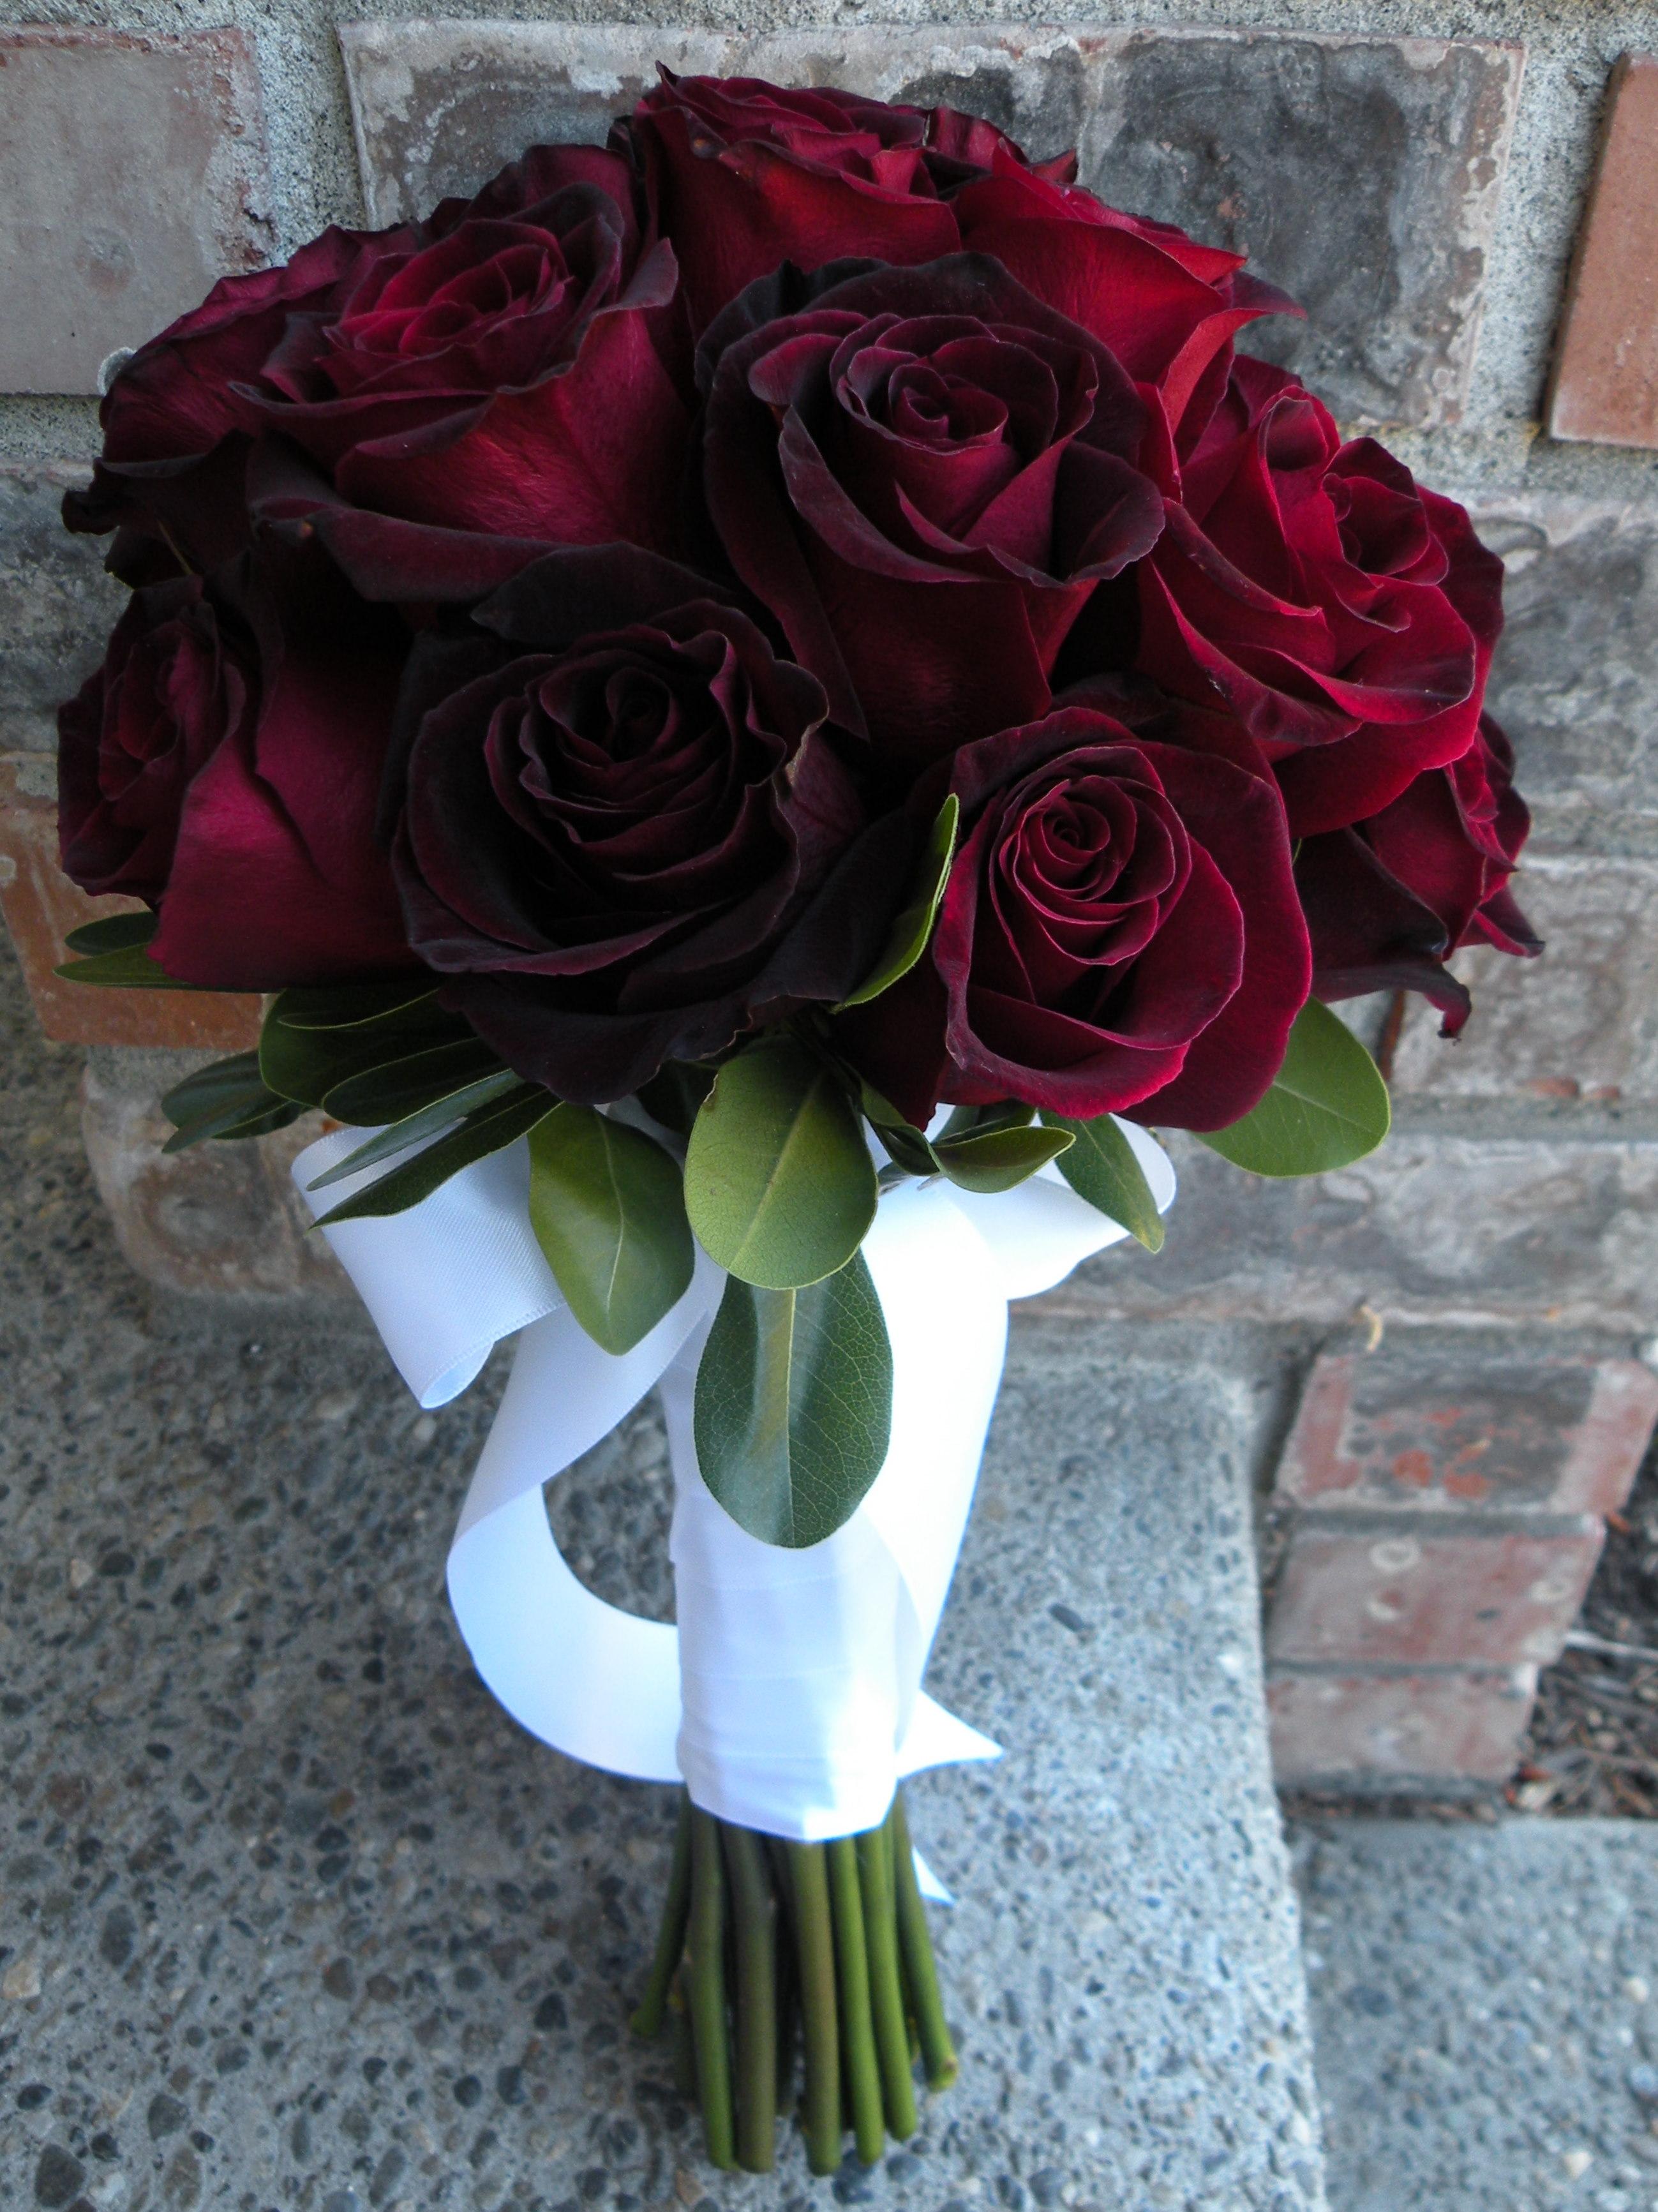 Bridal Bouquets The Bouquets Of 2010 Jen S Blossoms Blog